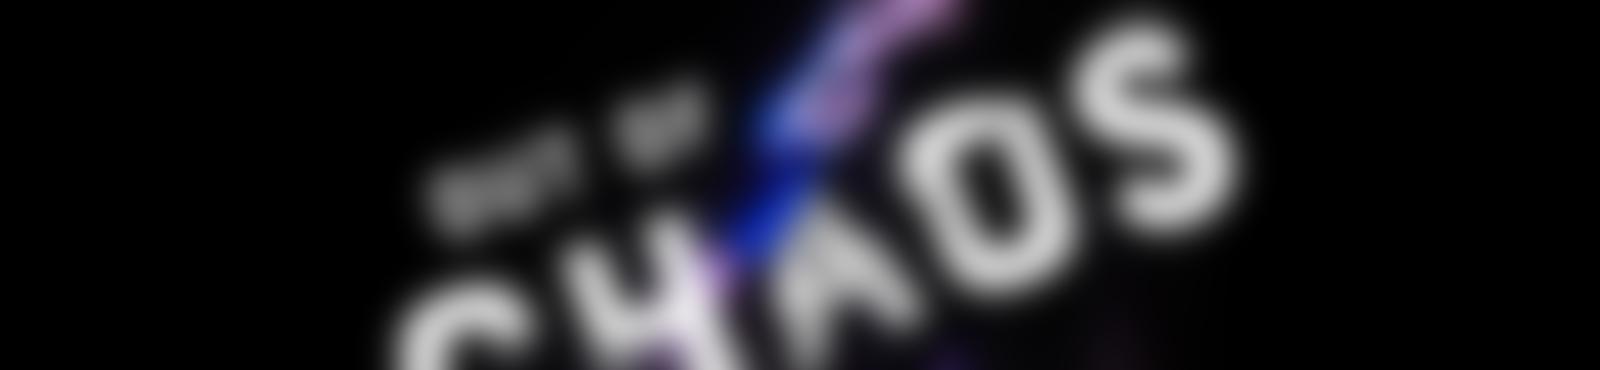 Blurred c180771b 8677 4212 bb93 bd147c1f08a9